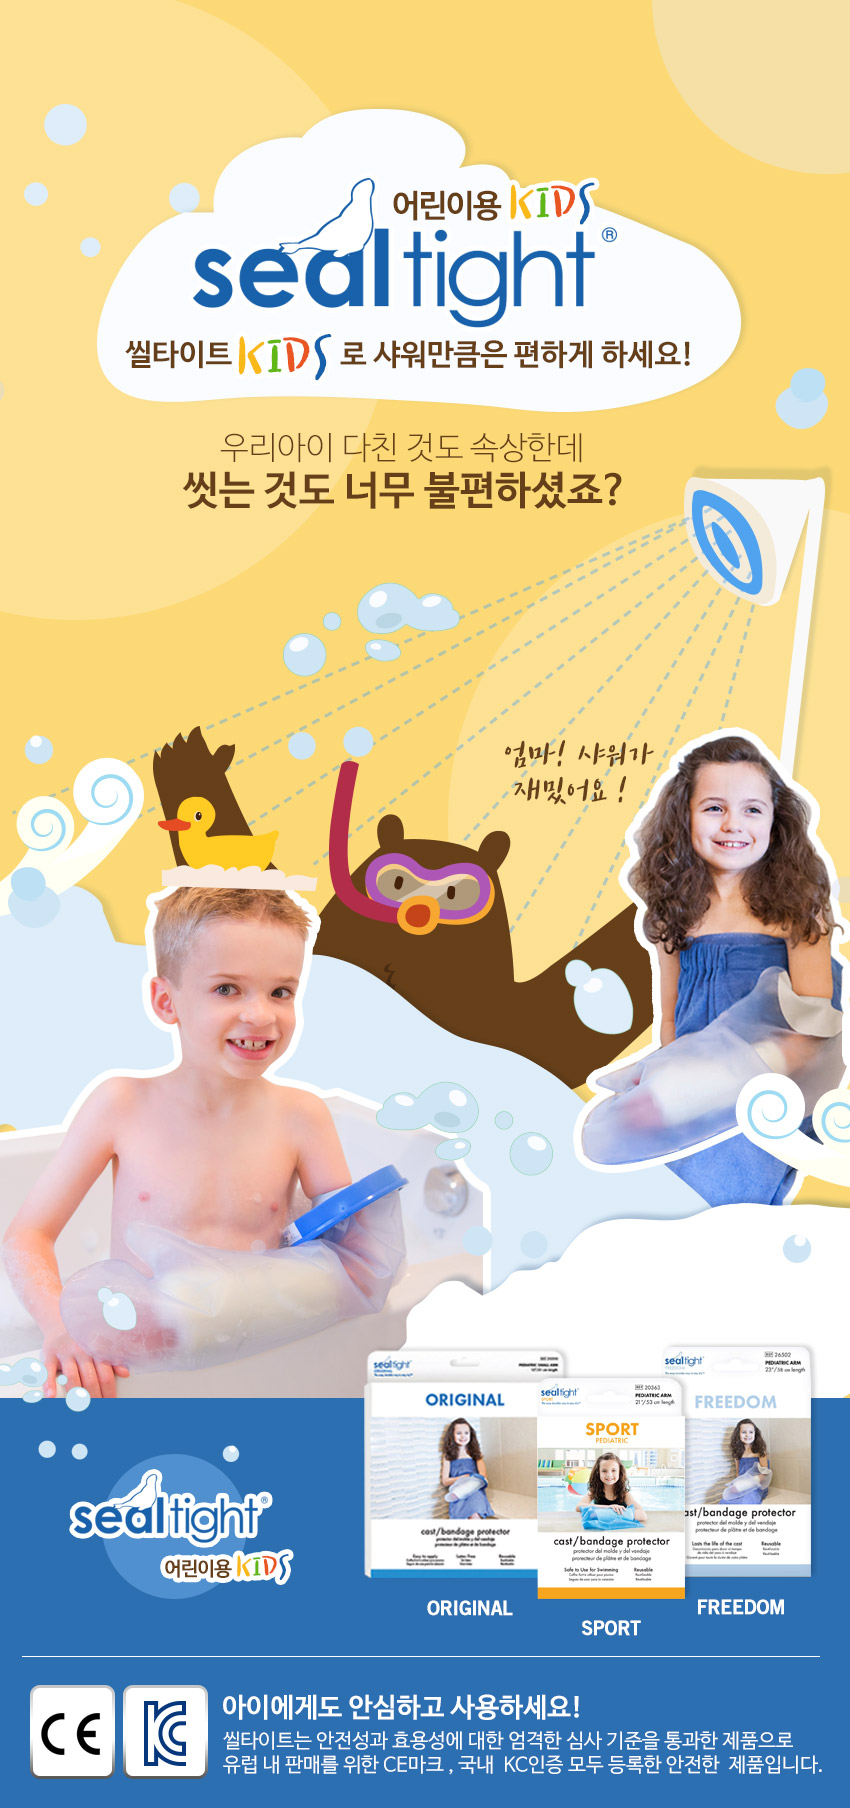 브라운메드 씰타이트 샤워/수영 아동 팔/다리 깁스방수커버 - 씰타이트, 35,900원, 세안/목욕, 샤워소품